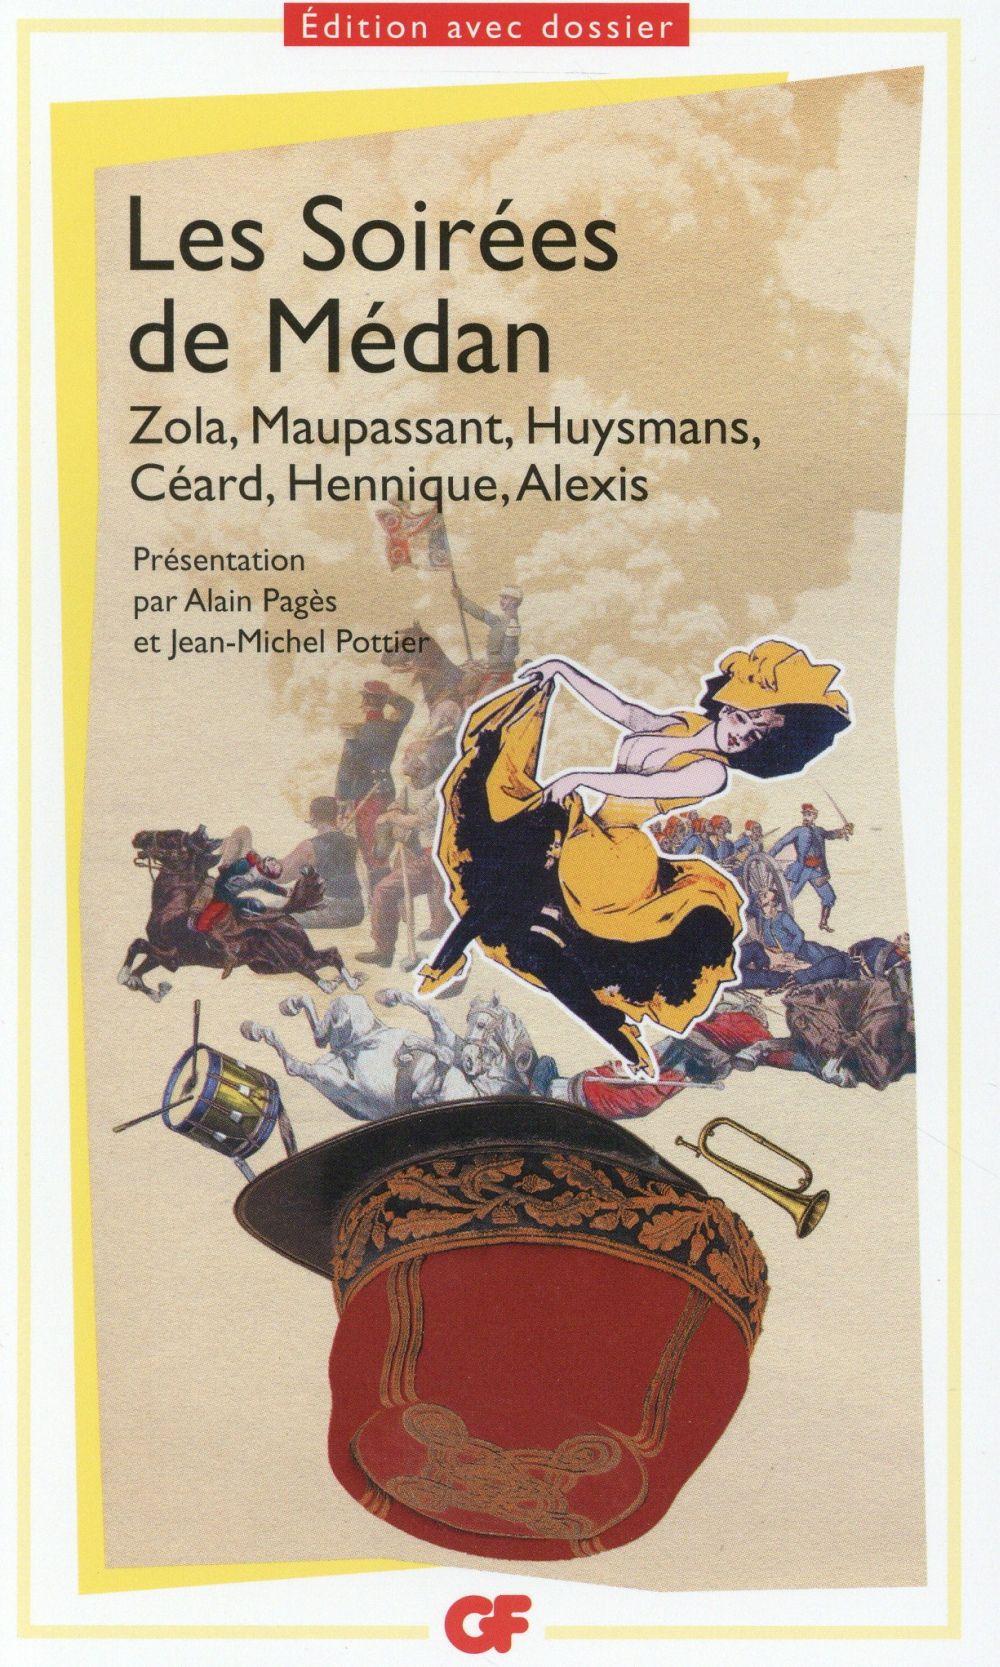 Les soirées de Médan ; Zola, Maupassant, Huysmans, Céard, Hennique, Alexis